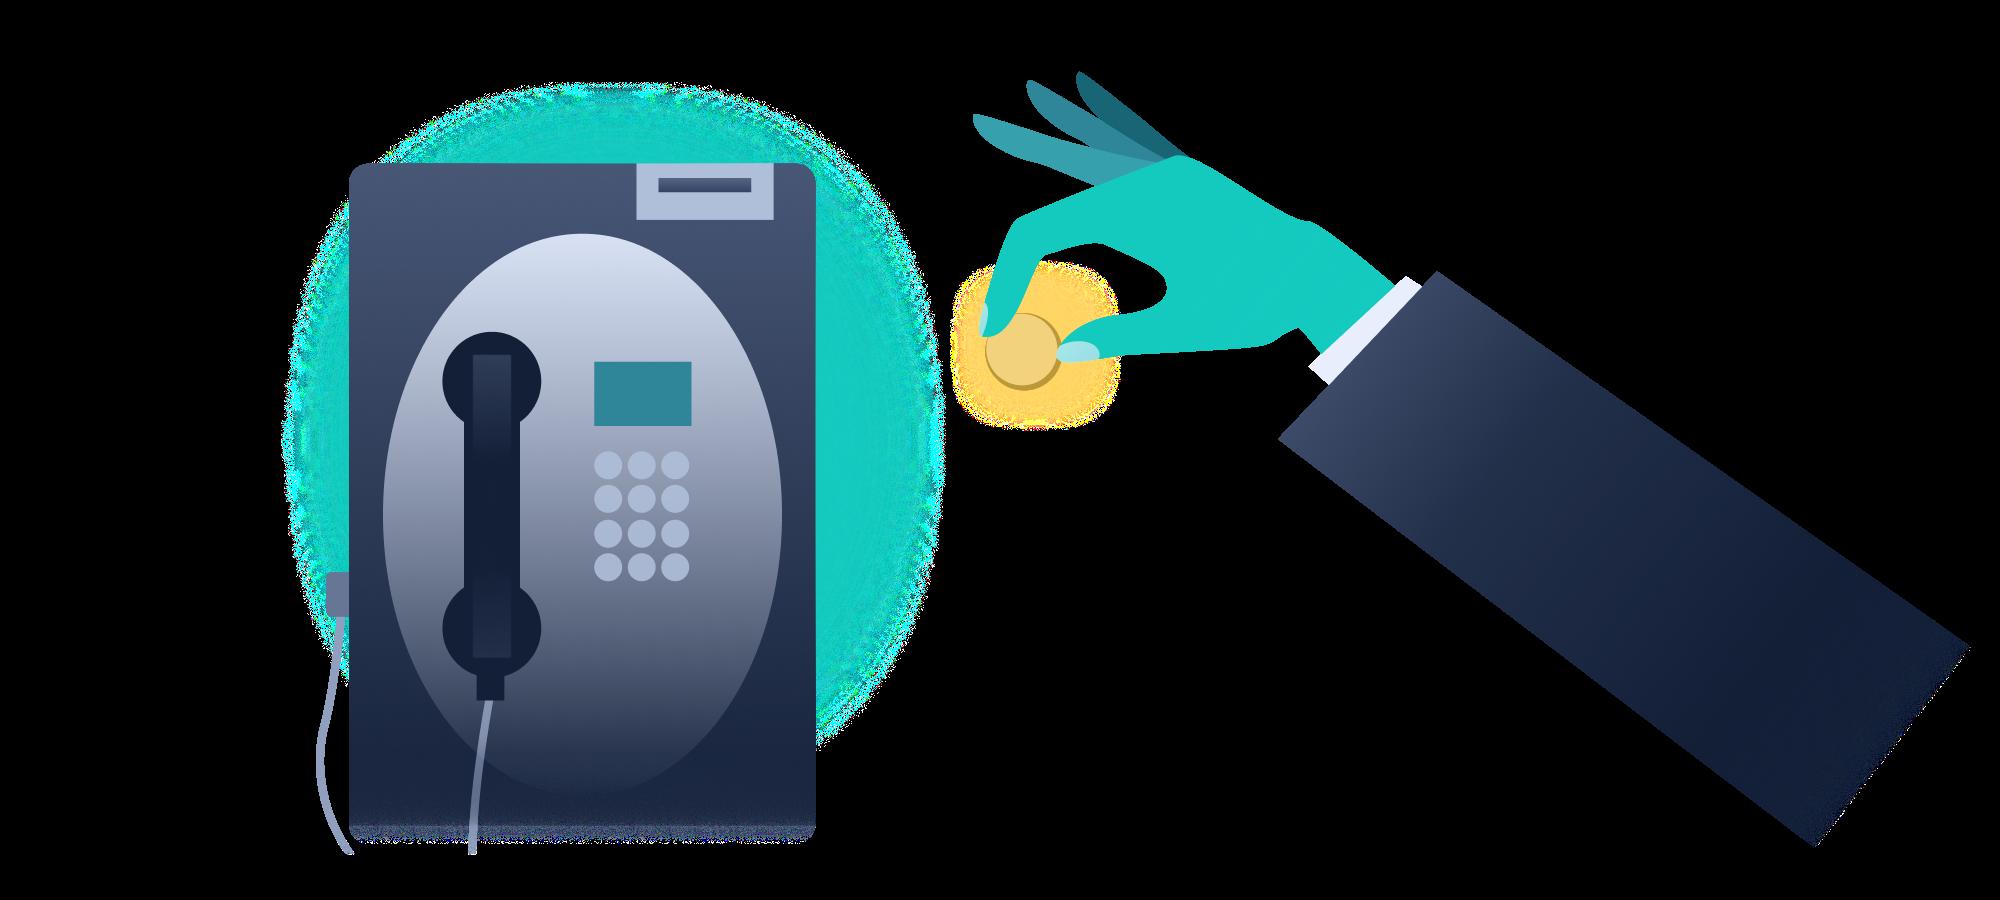 Münzeinwurf für ein Telefongespräch